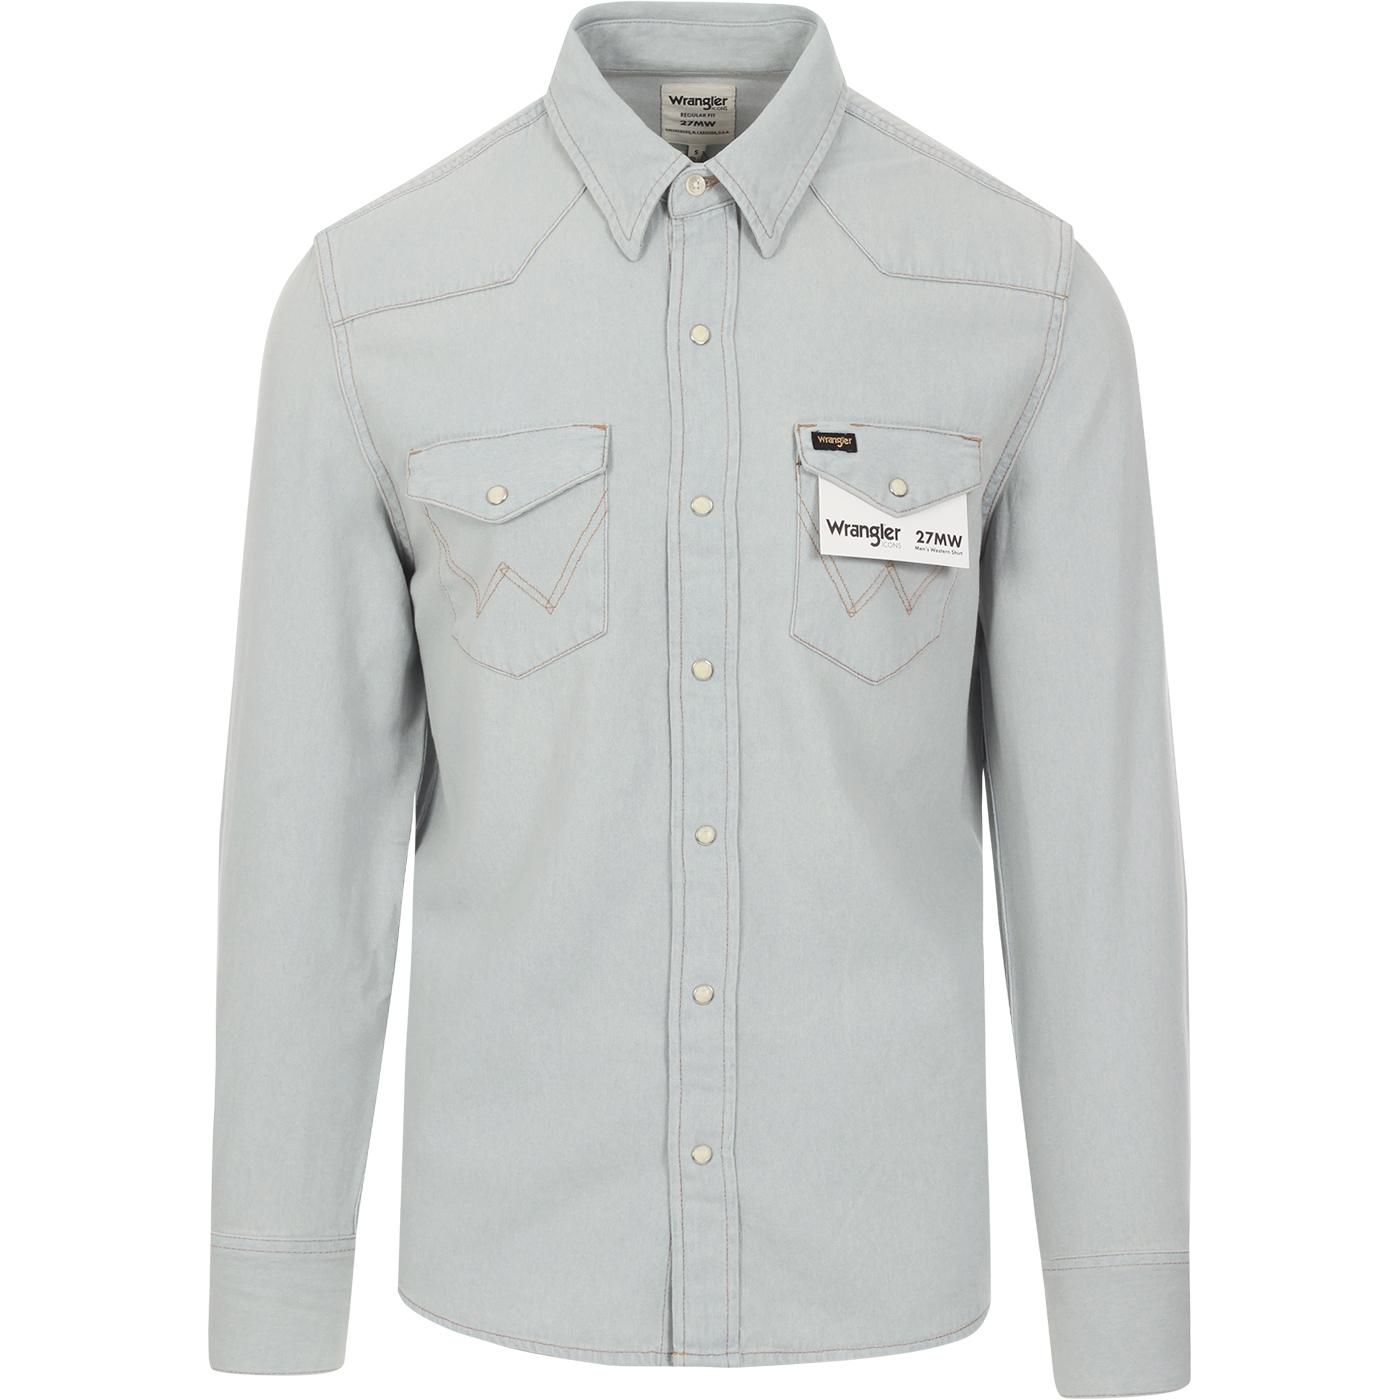 WRANGLER Icons 27MW Denim Shirt (Blue Rhapsody)